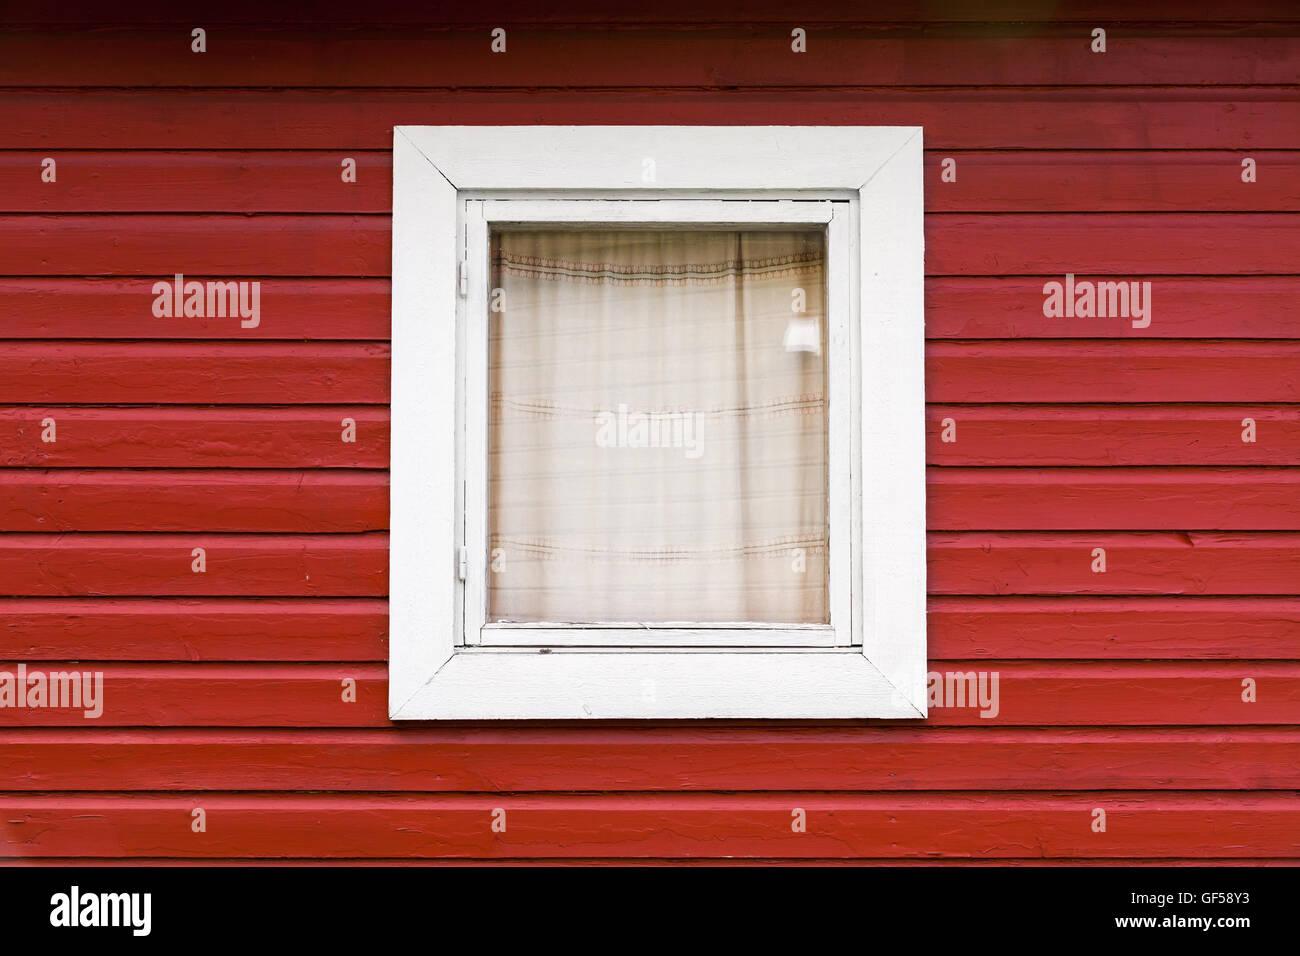 Mur En Bois Rouge Avec Petite Fenêtre Dans Cadre Blanc Typiquement